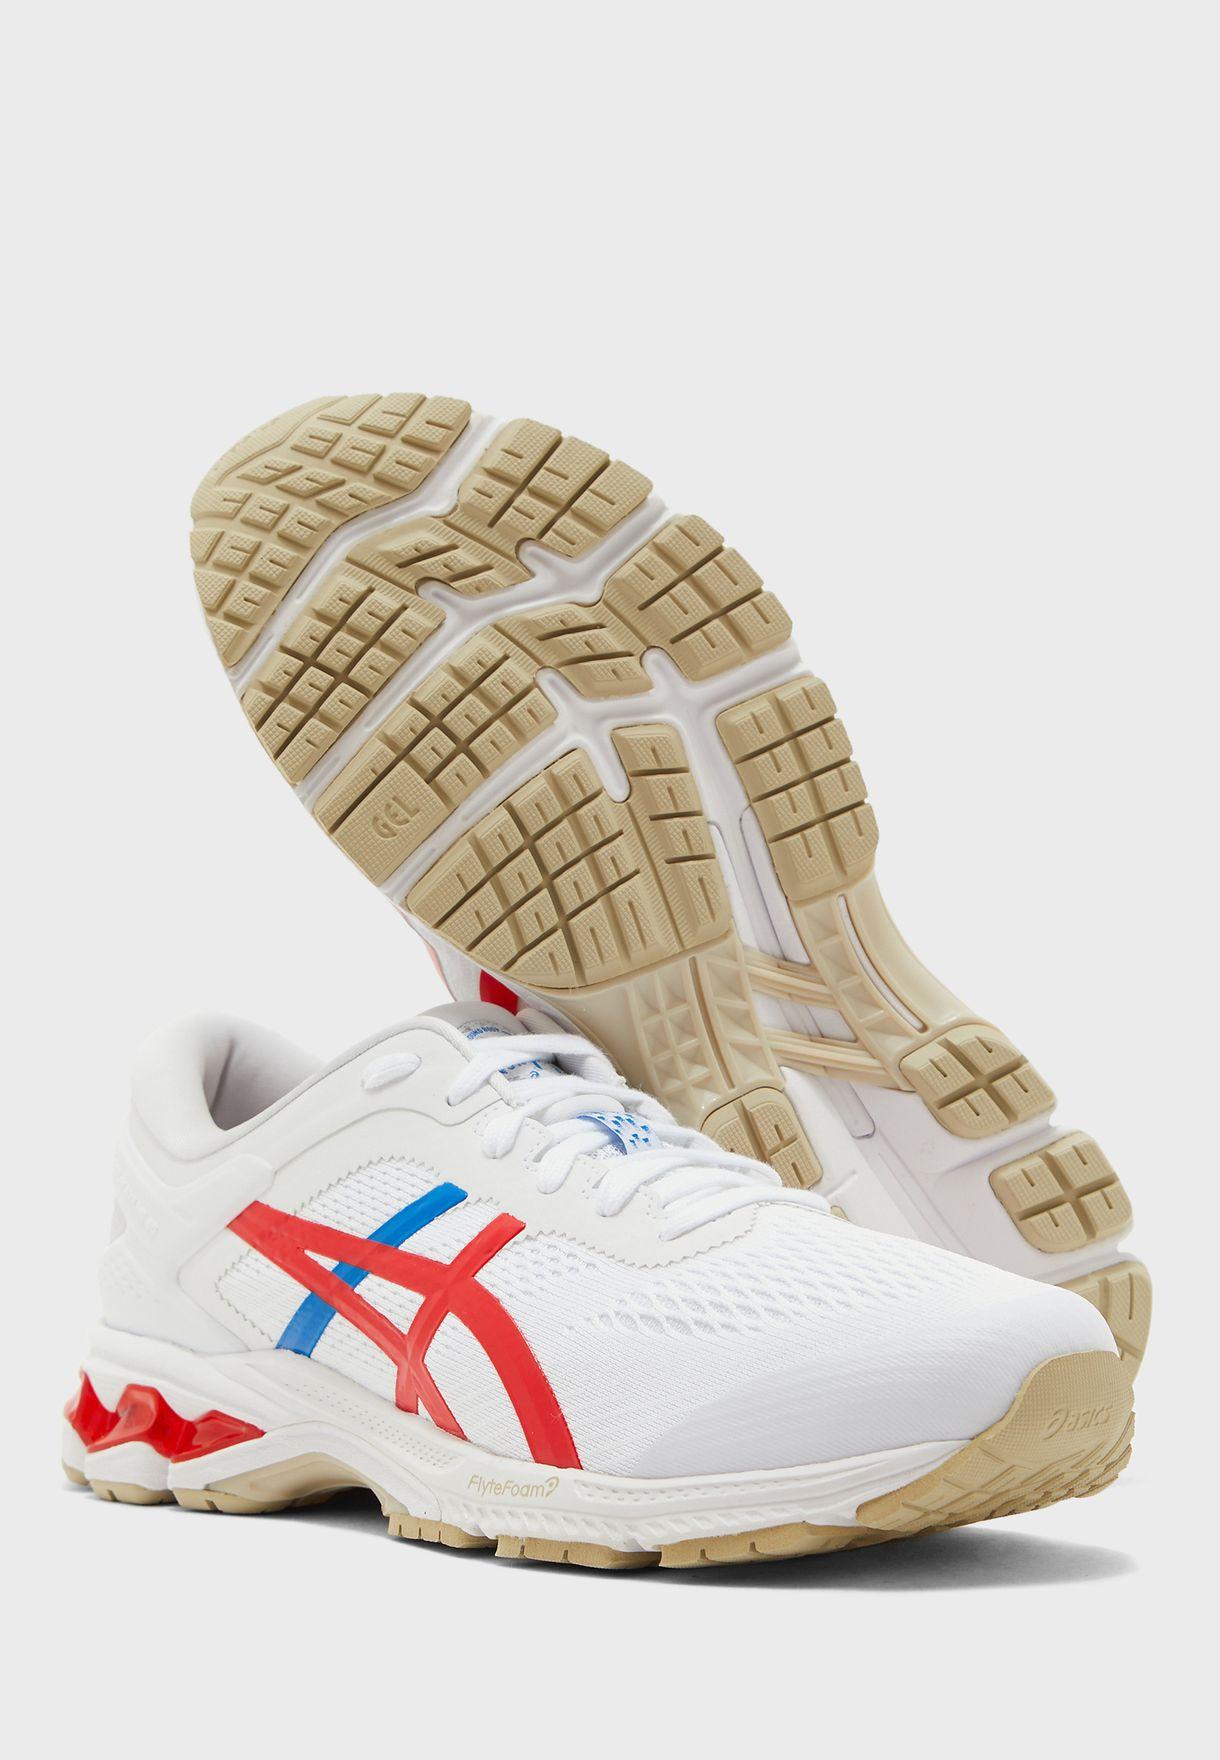 حذاء جيل - كيانو 26 - ريترو طوكيو